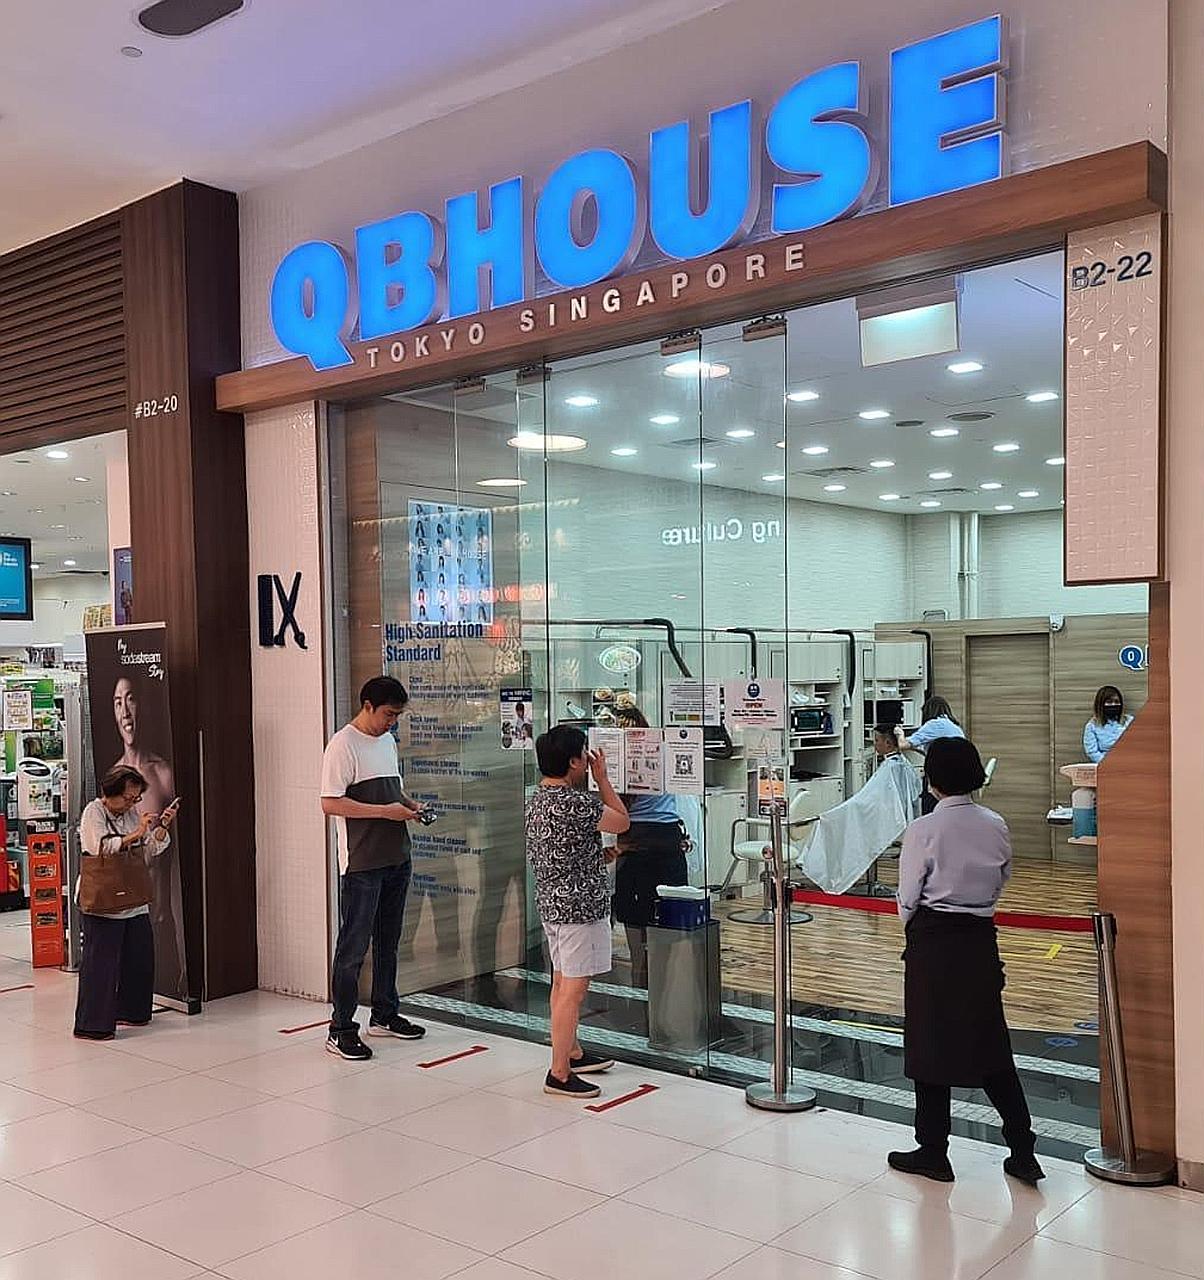 20200511-qb house.jpg